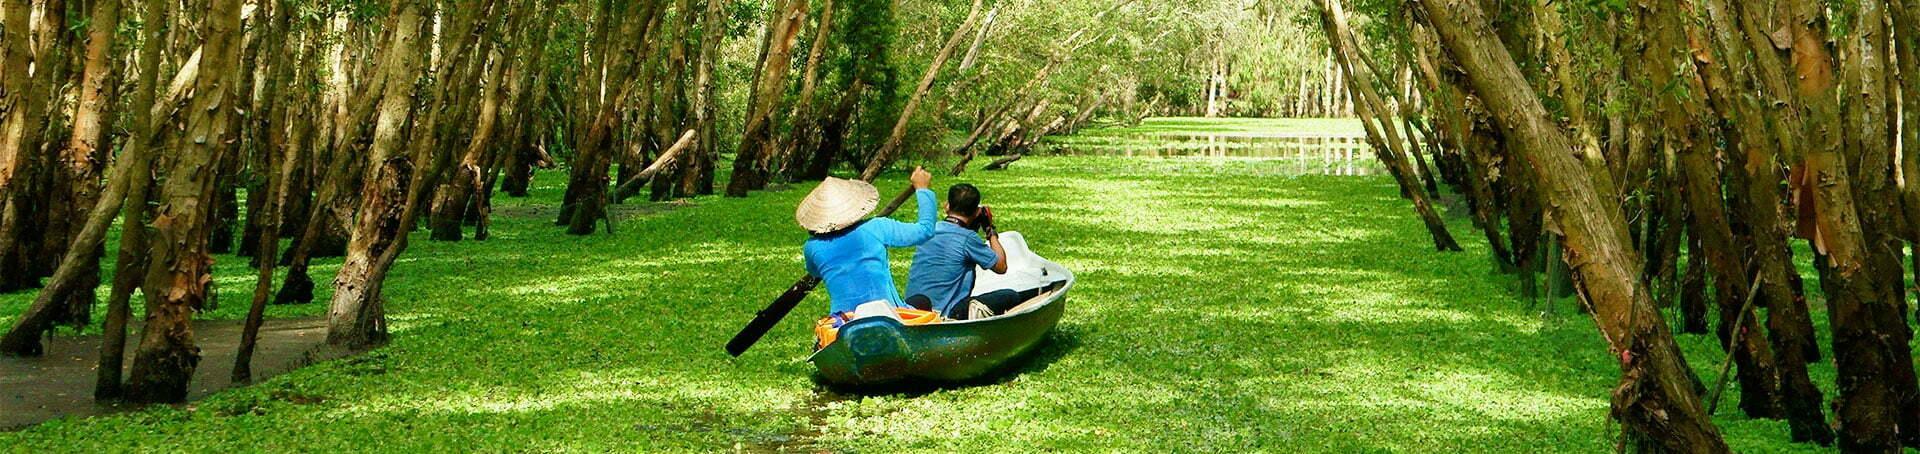 Petite barque avec un photographe et un guide sur un cours d'eau